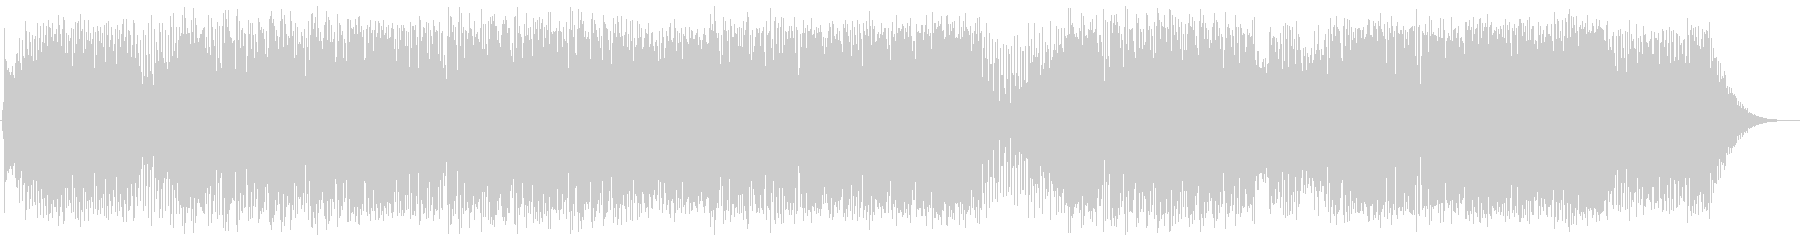 ポップス系フュージョンの未再生の波形